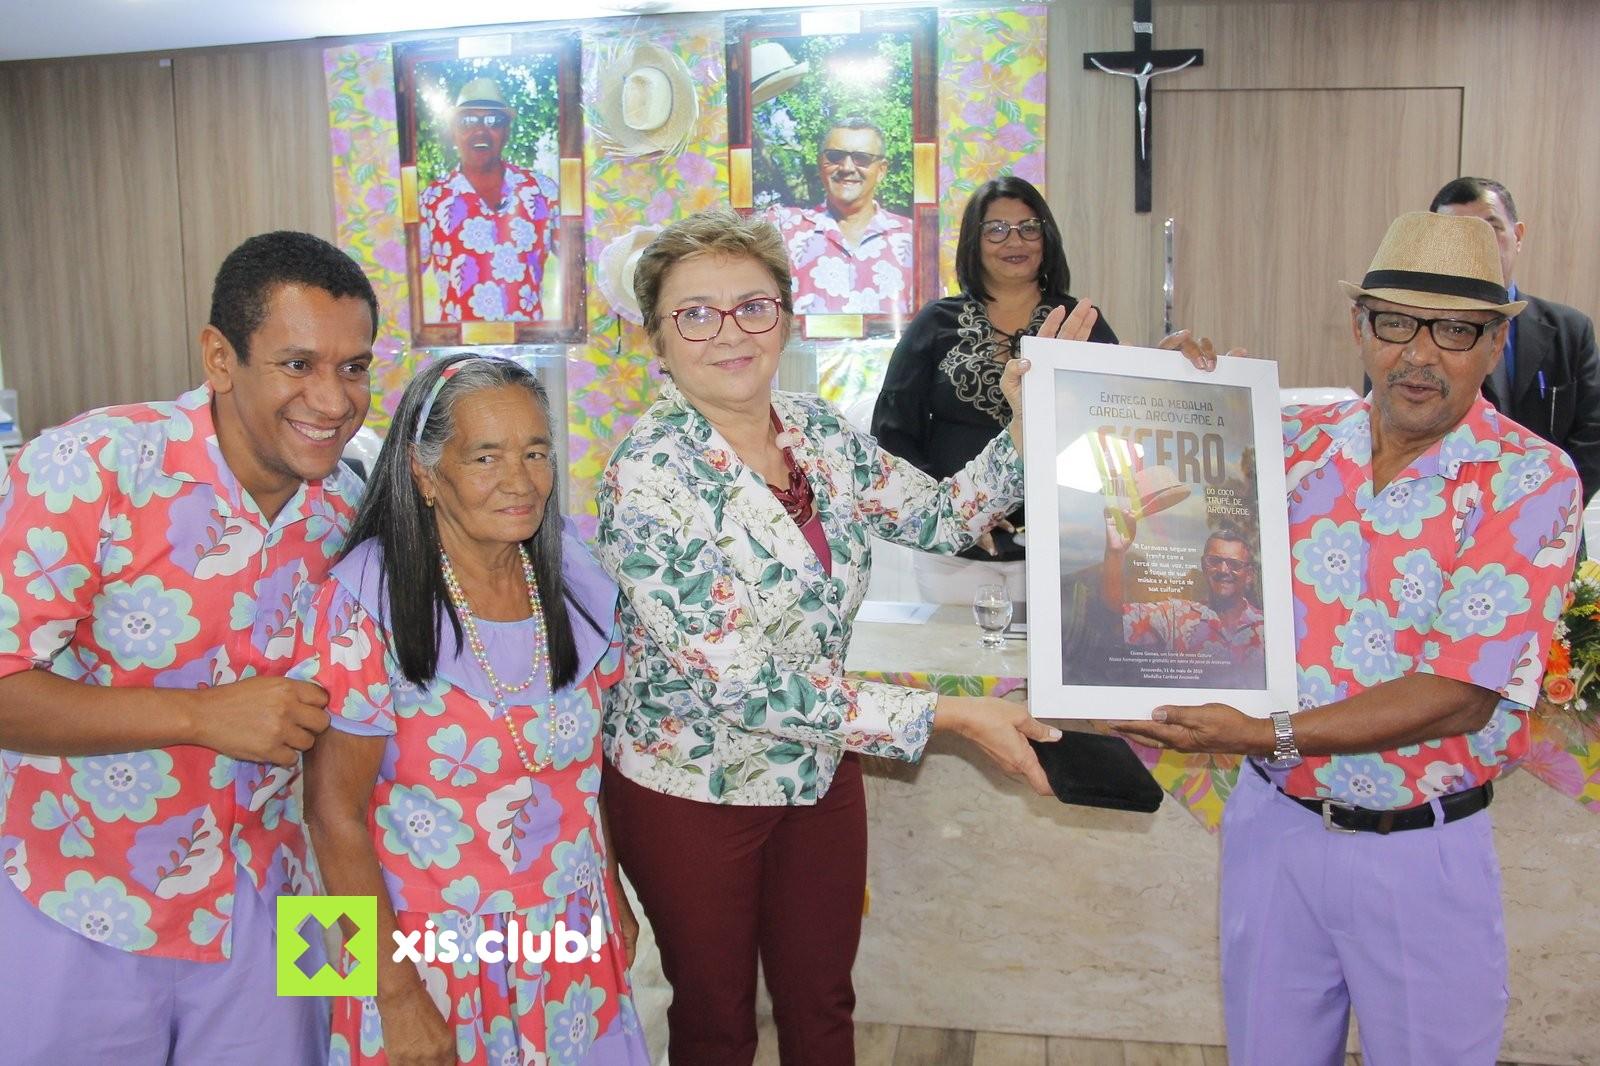 Cícero Gomes - Coco Trupé de Arcoverde